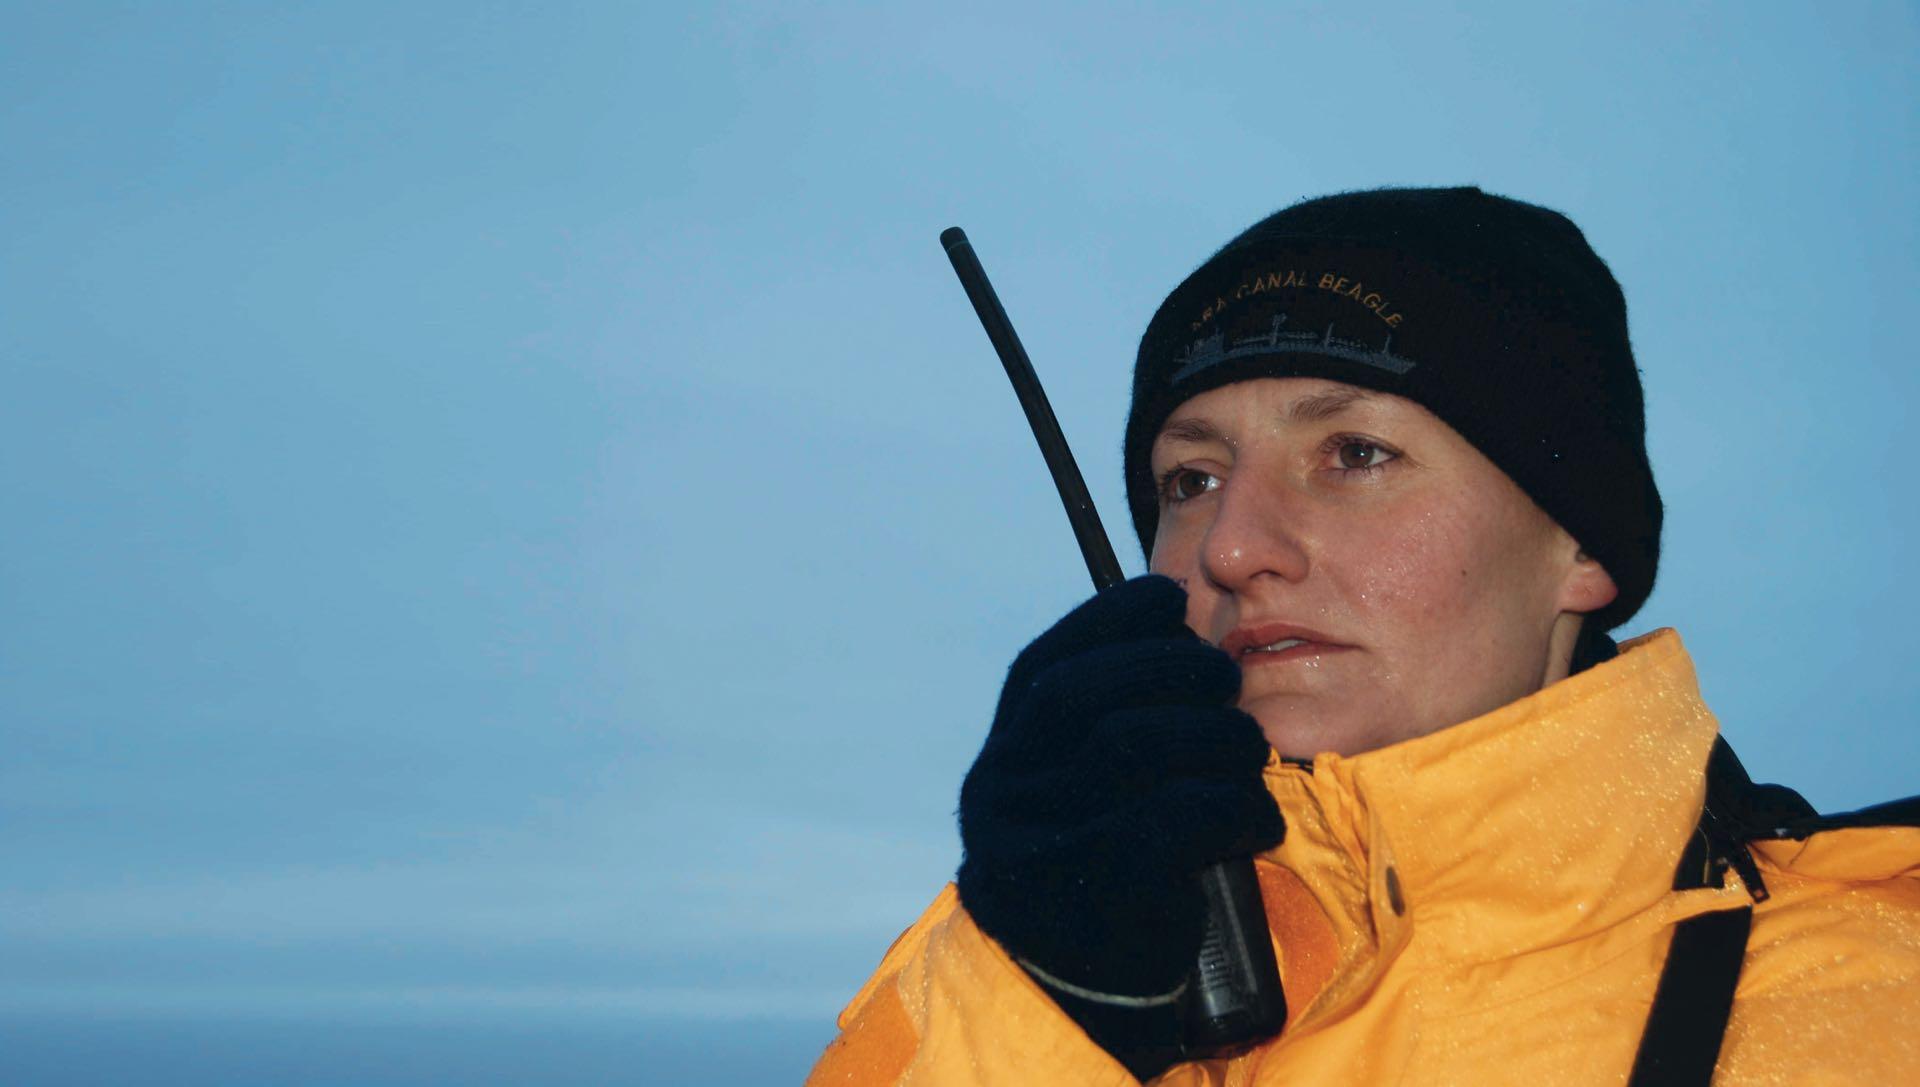 Eliana María Krawczyk (34) nació en Oberá, Misiones, pero hace casi diez años trabaja como submarinista para la base naval de Mar del Plata. Soltera y sin hijos, dedicó su vida a defender el mar argentino. Su familia y amigos esperan noticias.